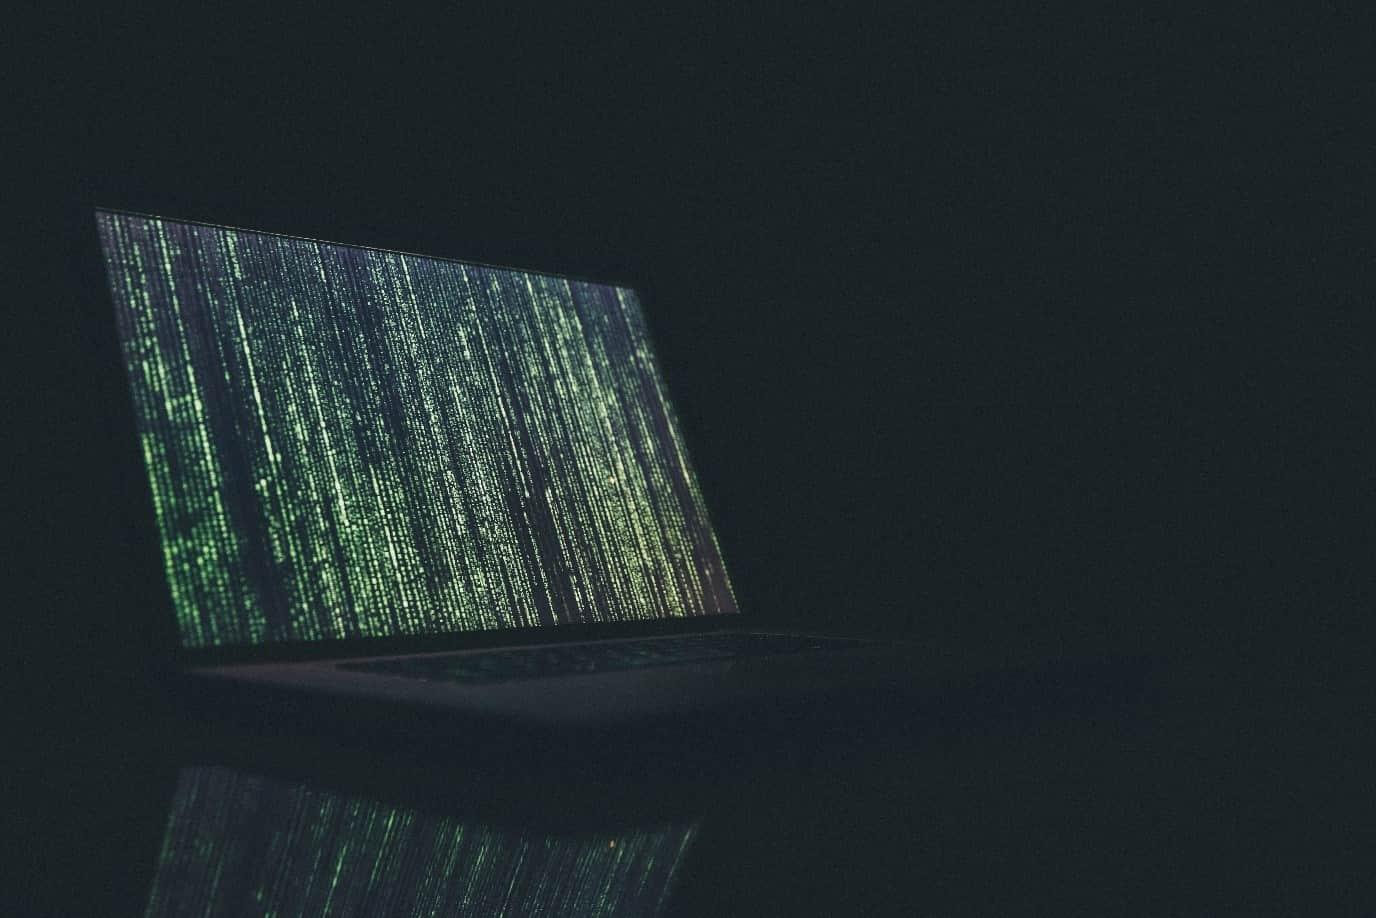 </em><em>如何安全地访问暗网